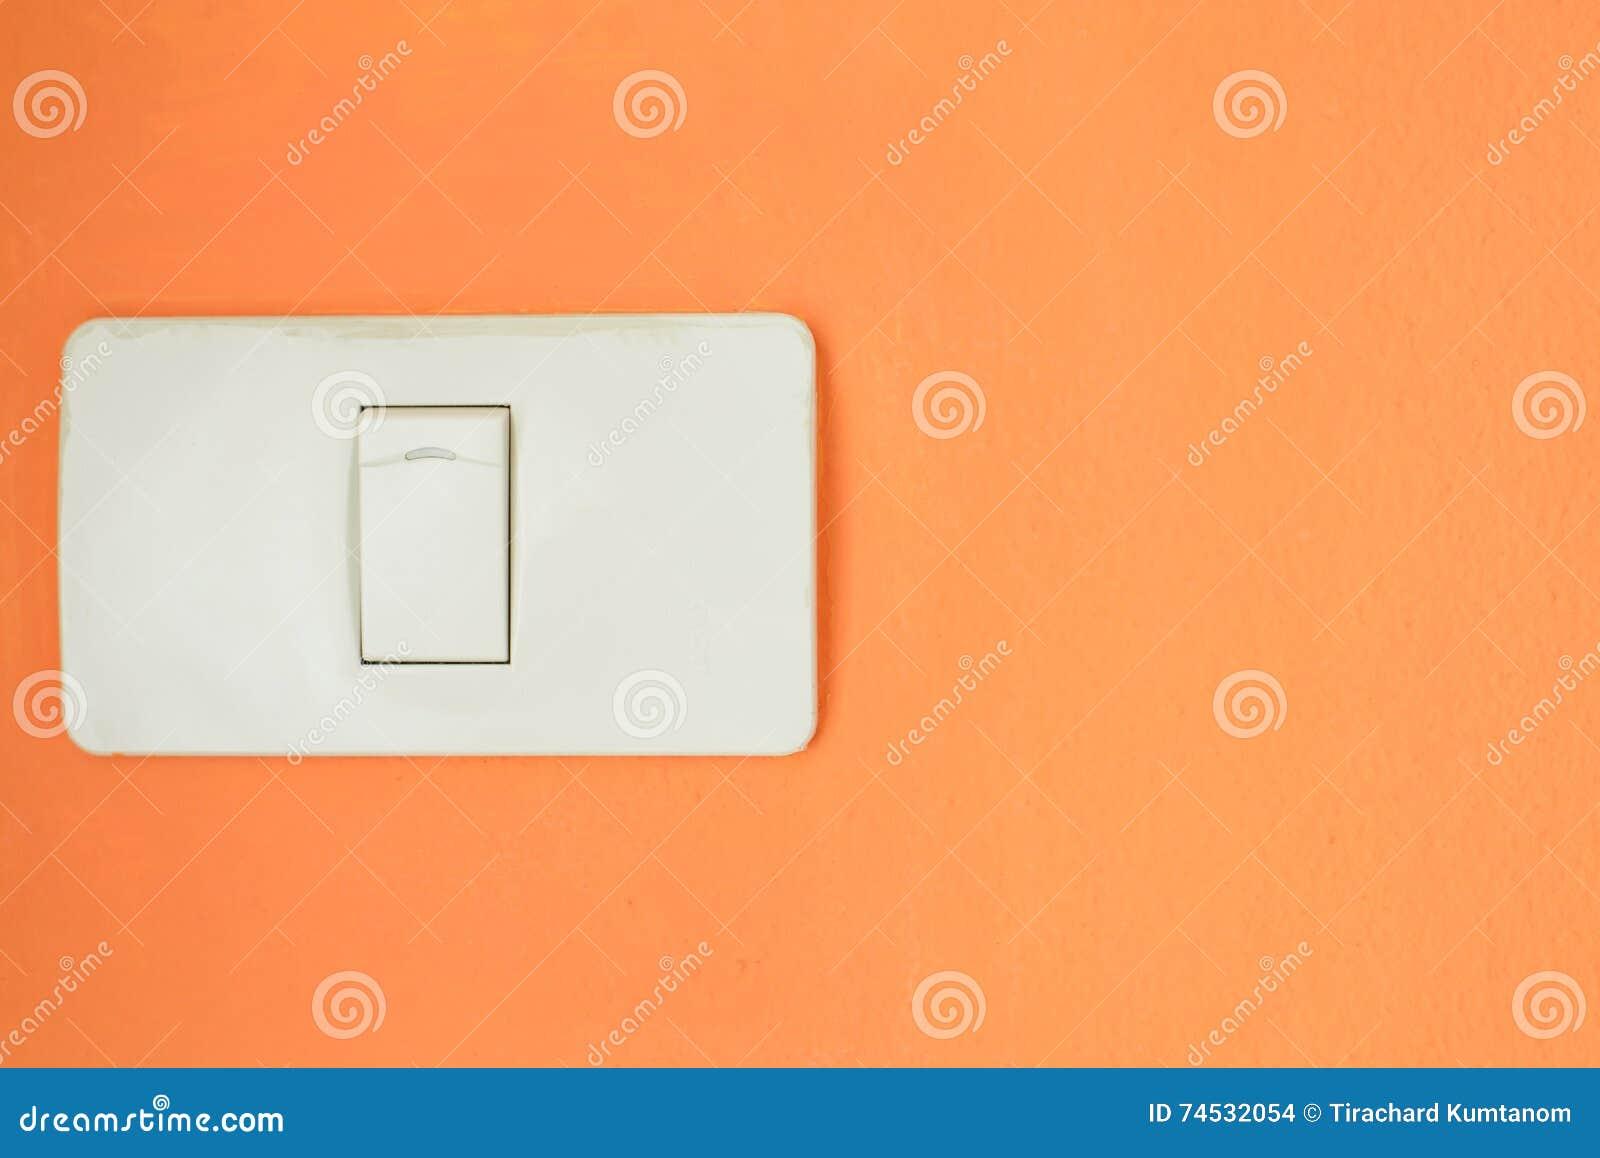 Weißer Lichtschalter, Schalten Ein Oder Stellen Die Lichter Auf Der ...